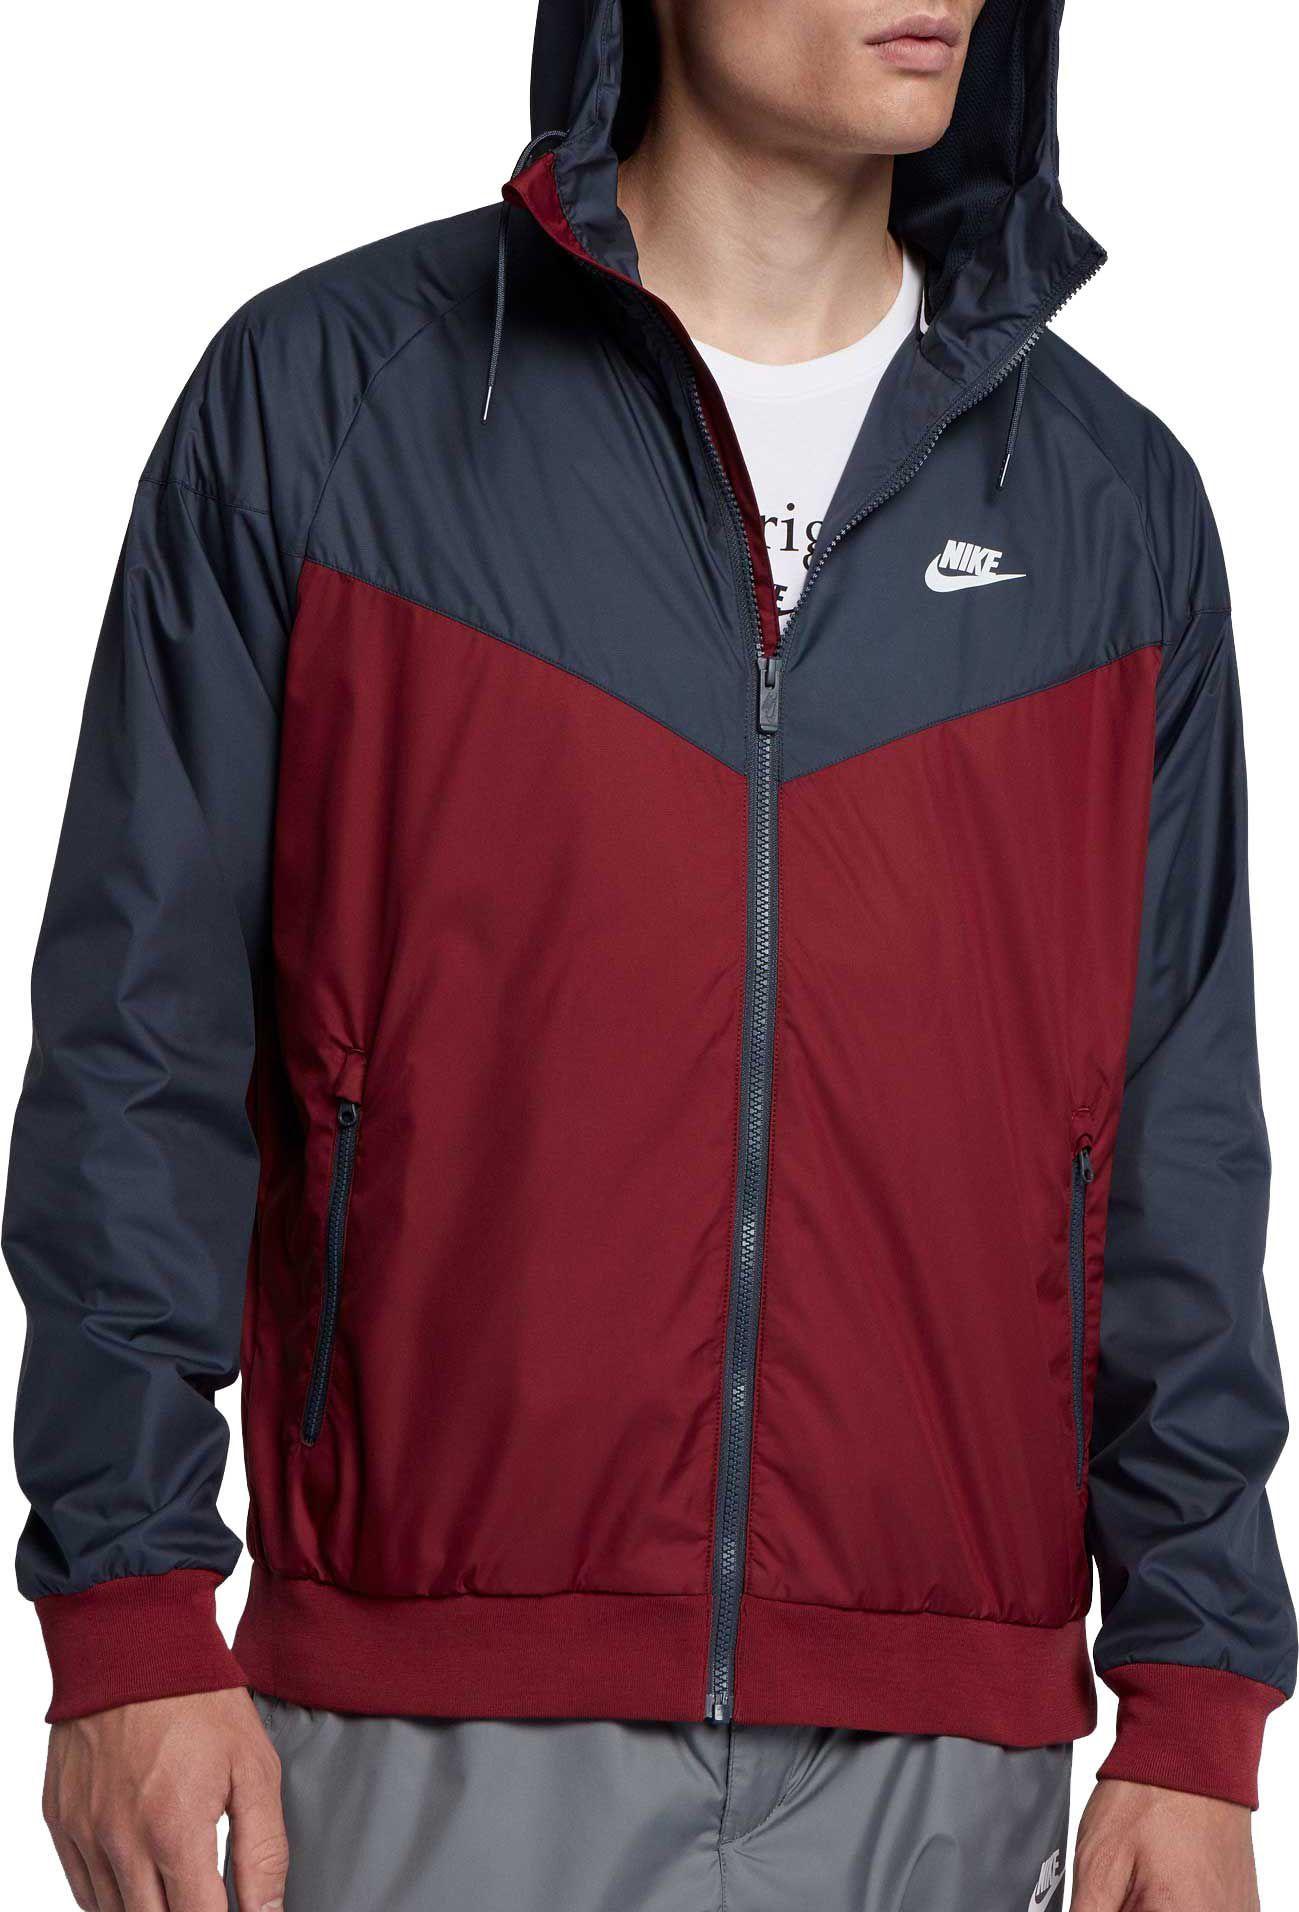 huge selection of 61815 38599 Nike Men s Windrunner Full Zip Jacket, Size  Medium, Red